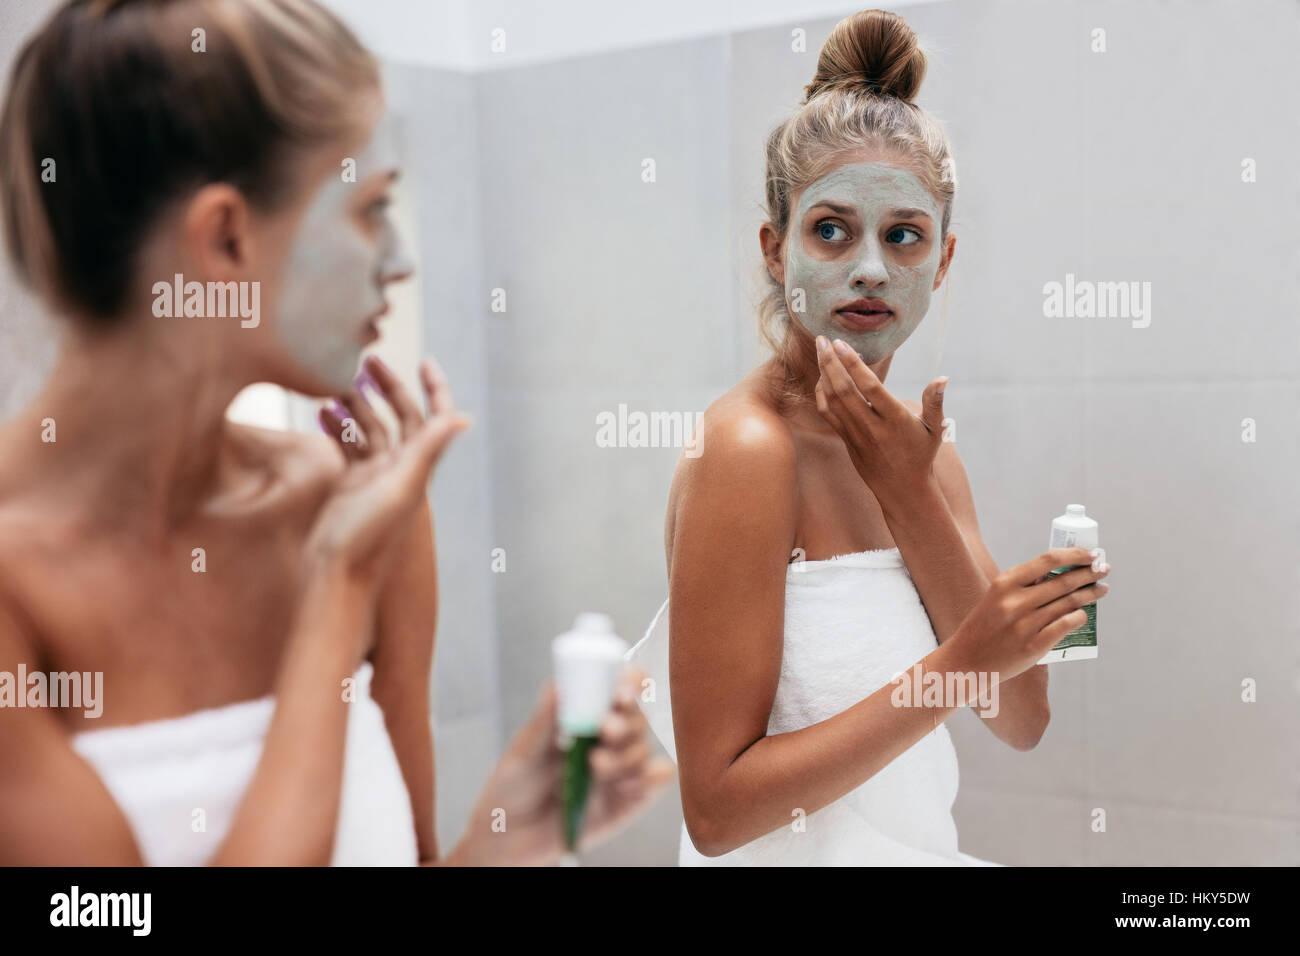 Young woman applying cream masque sur le visage dans la salle de bains. Femme en faisant des soins de beauté Photo Stock